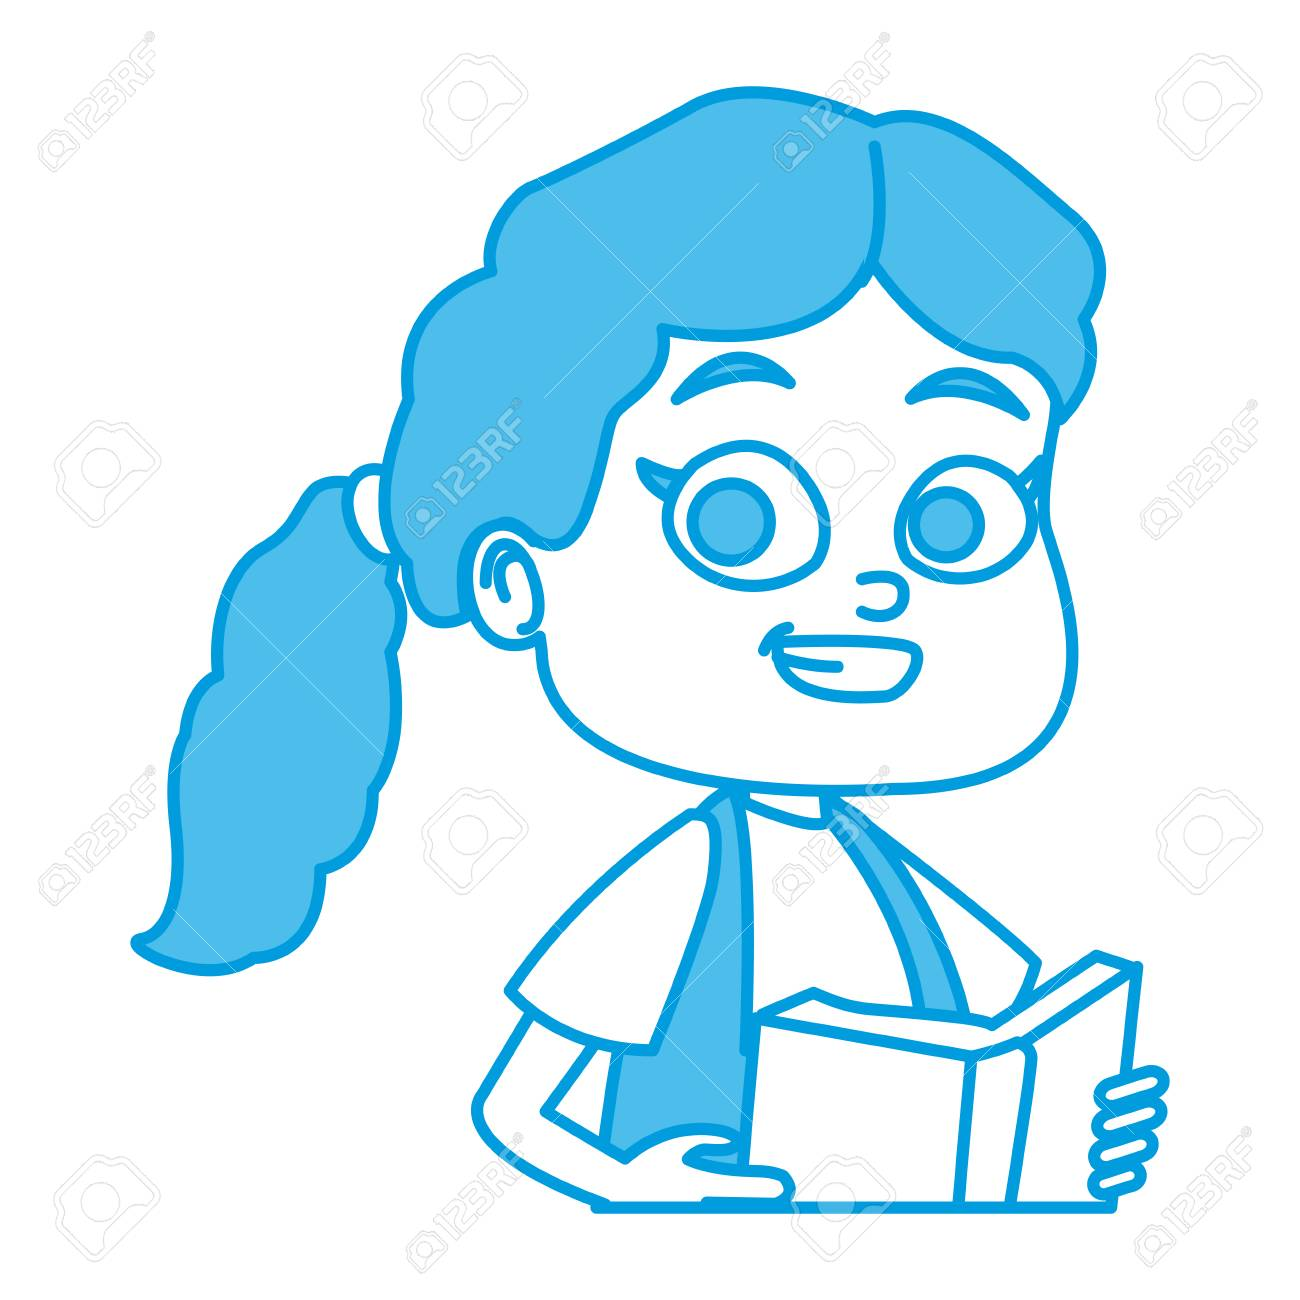 かわいい女子高生漫画アイコンベクトルイラストグラフィックデザインのイラスト素材 ベクタ Image